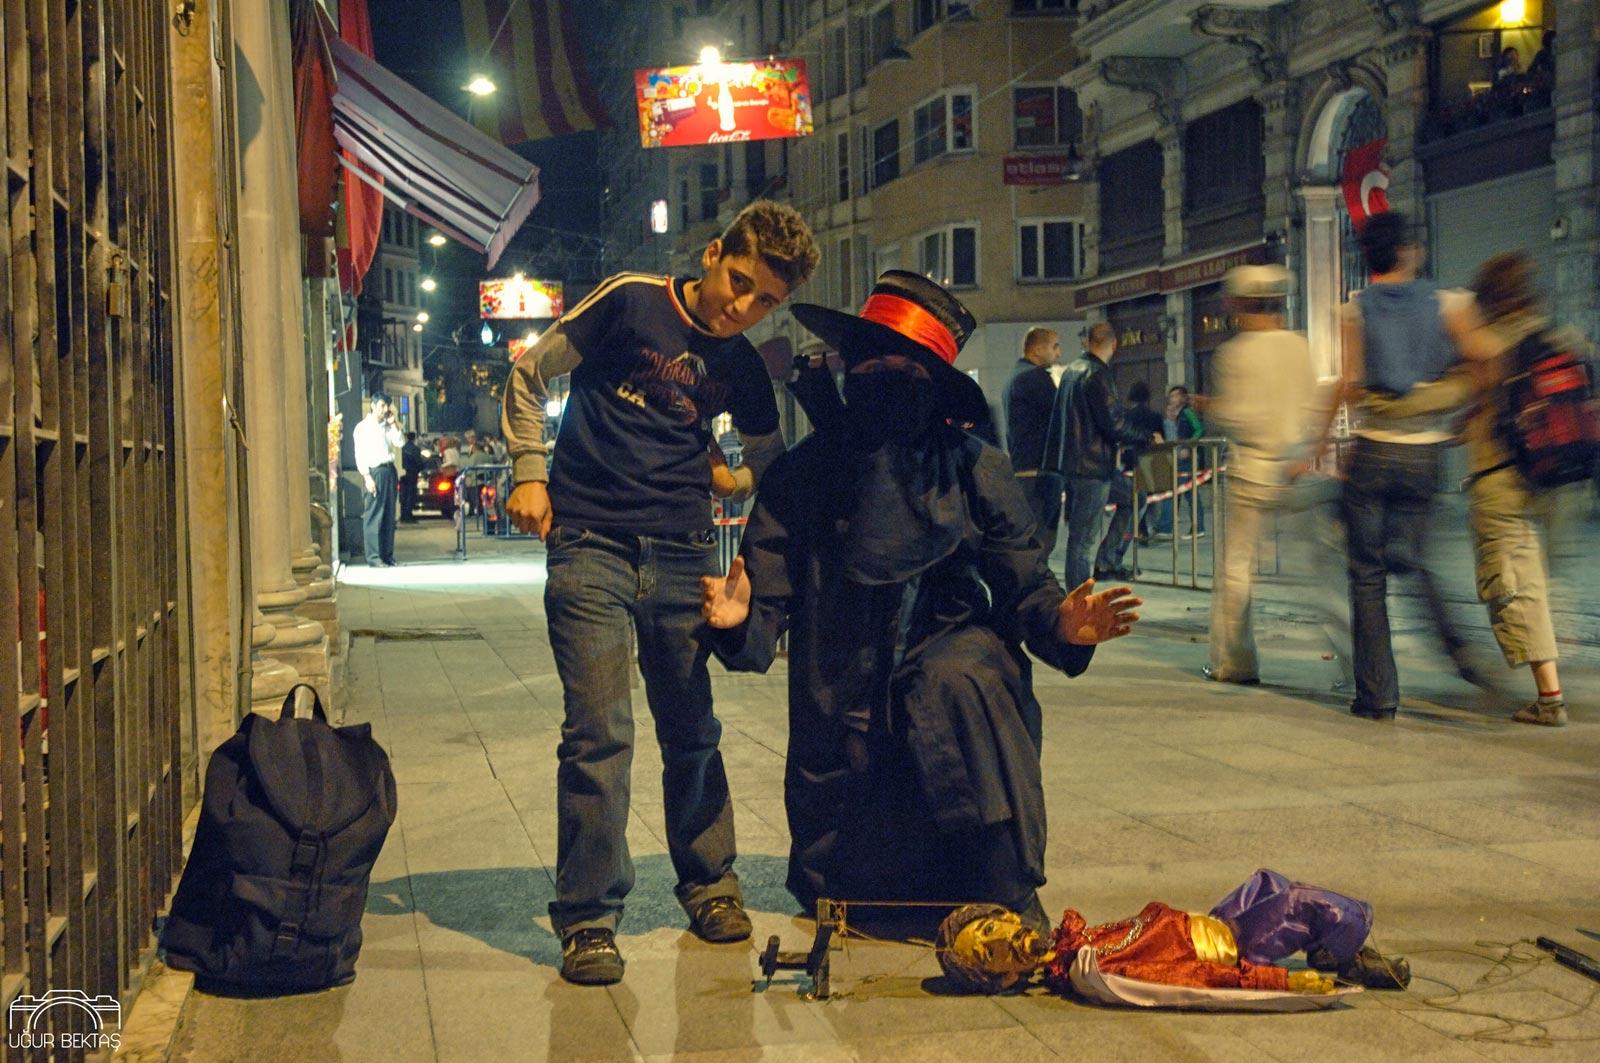 Sokaktan_Fotograflar_Turkiye__0016.jpg